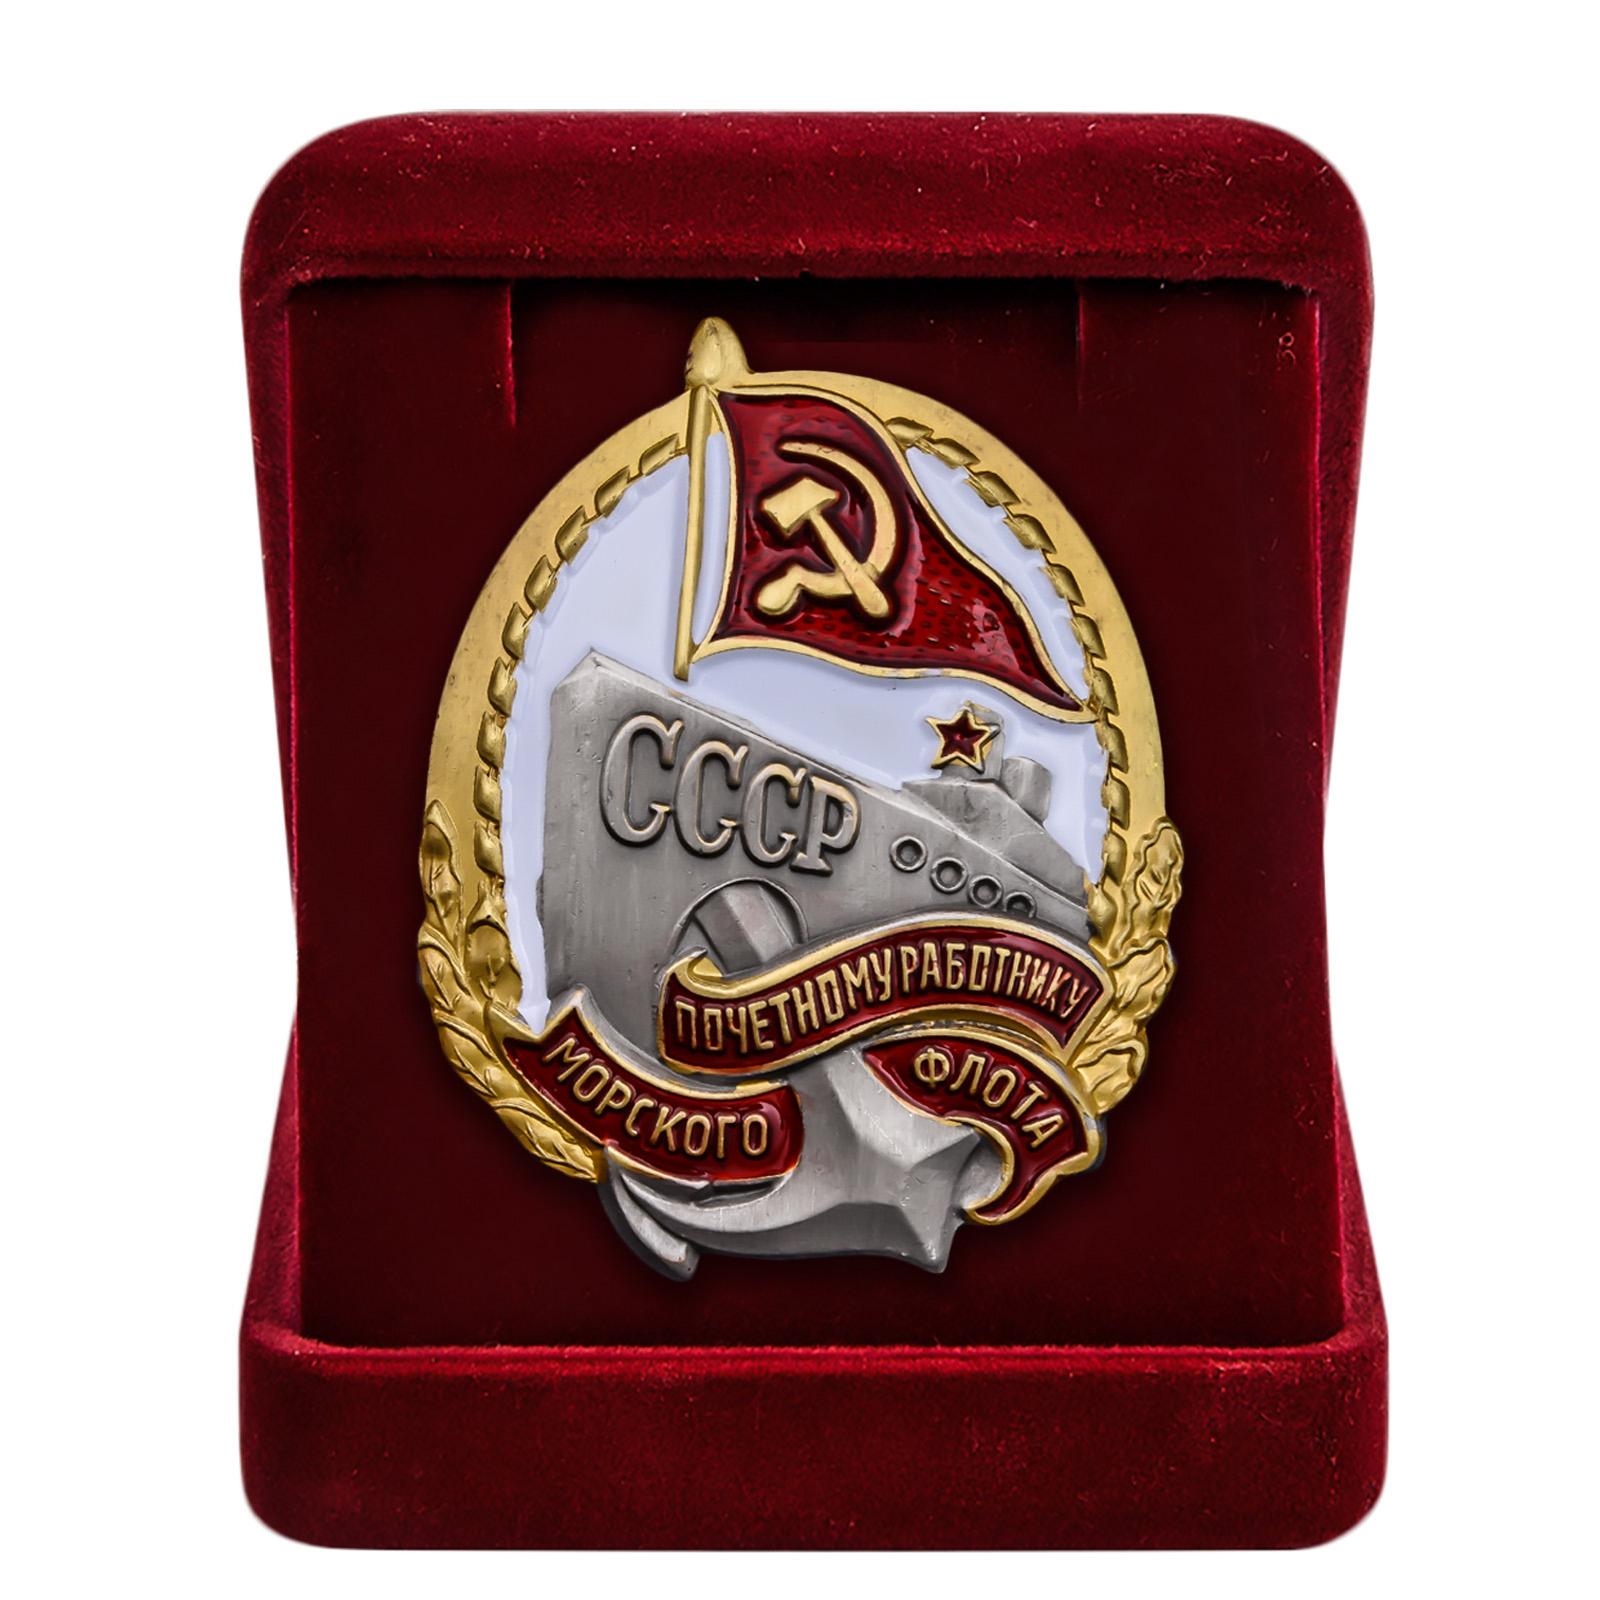 Купить нагрудный знак Почетному работнику морского флота СССР по лучшей цене